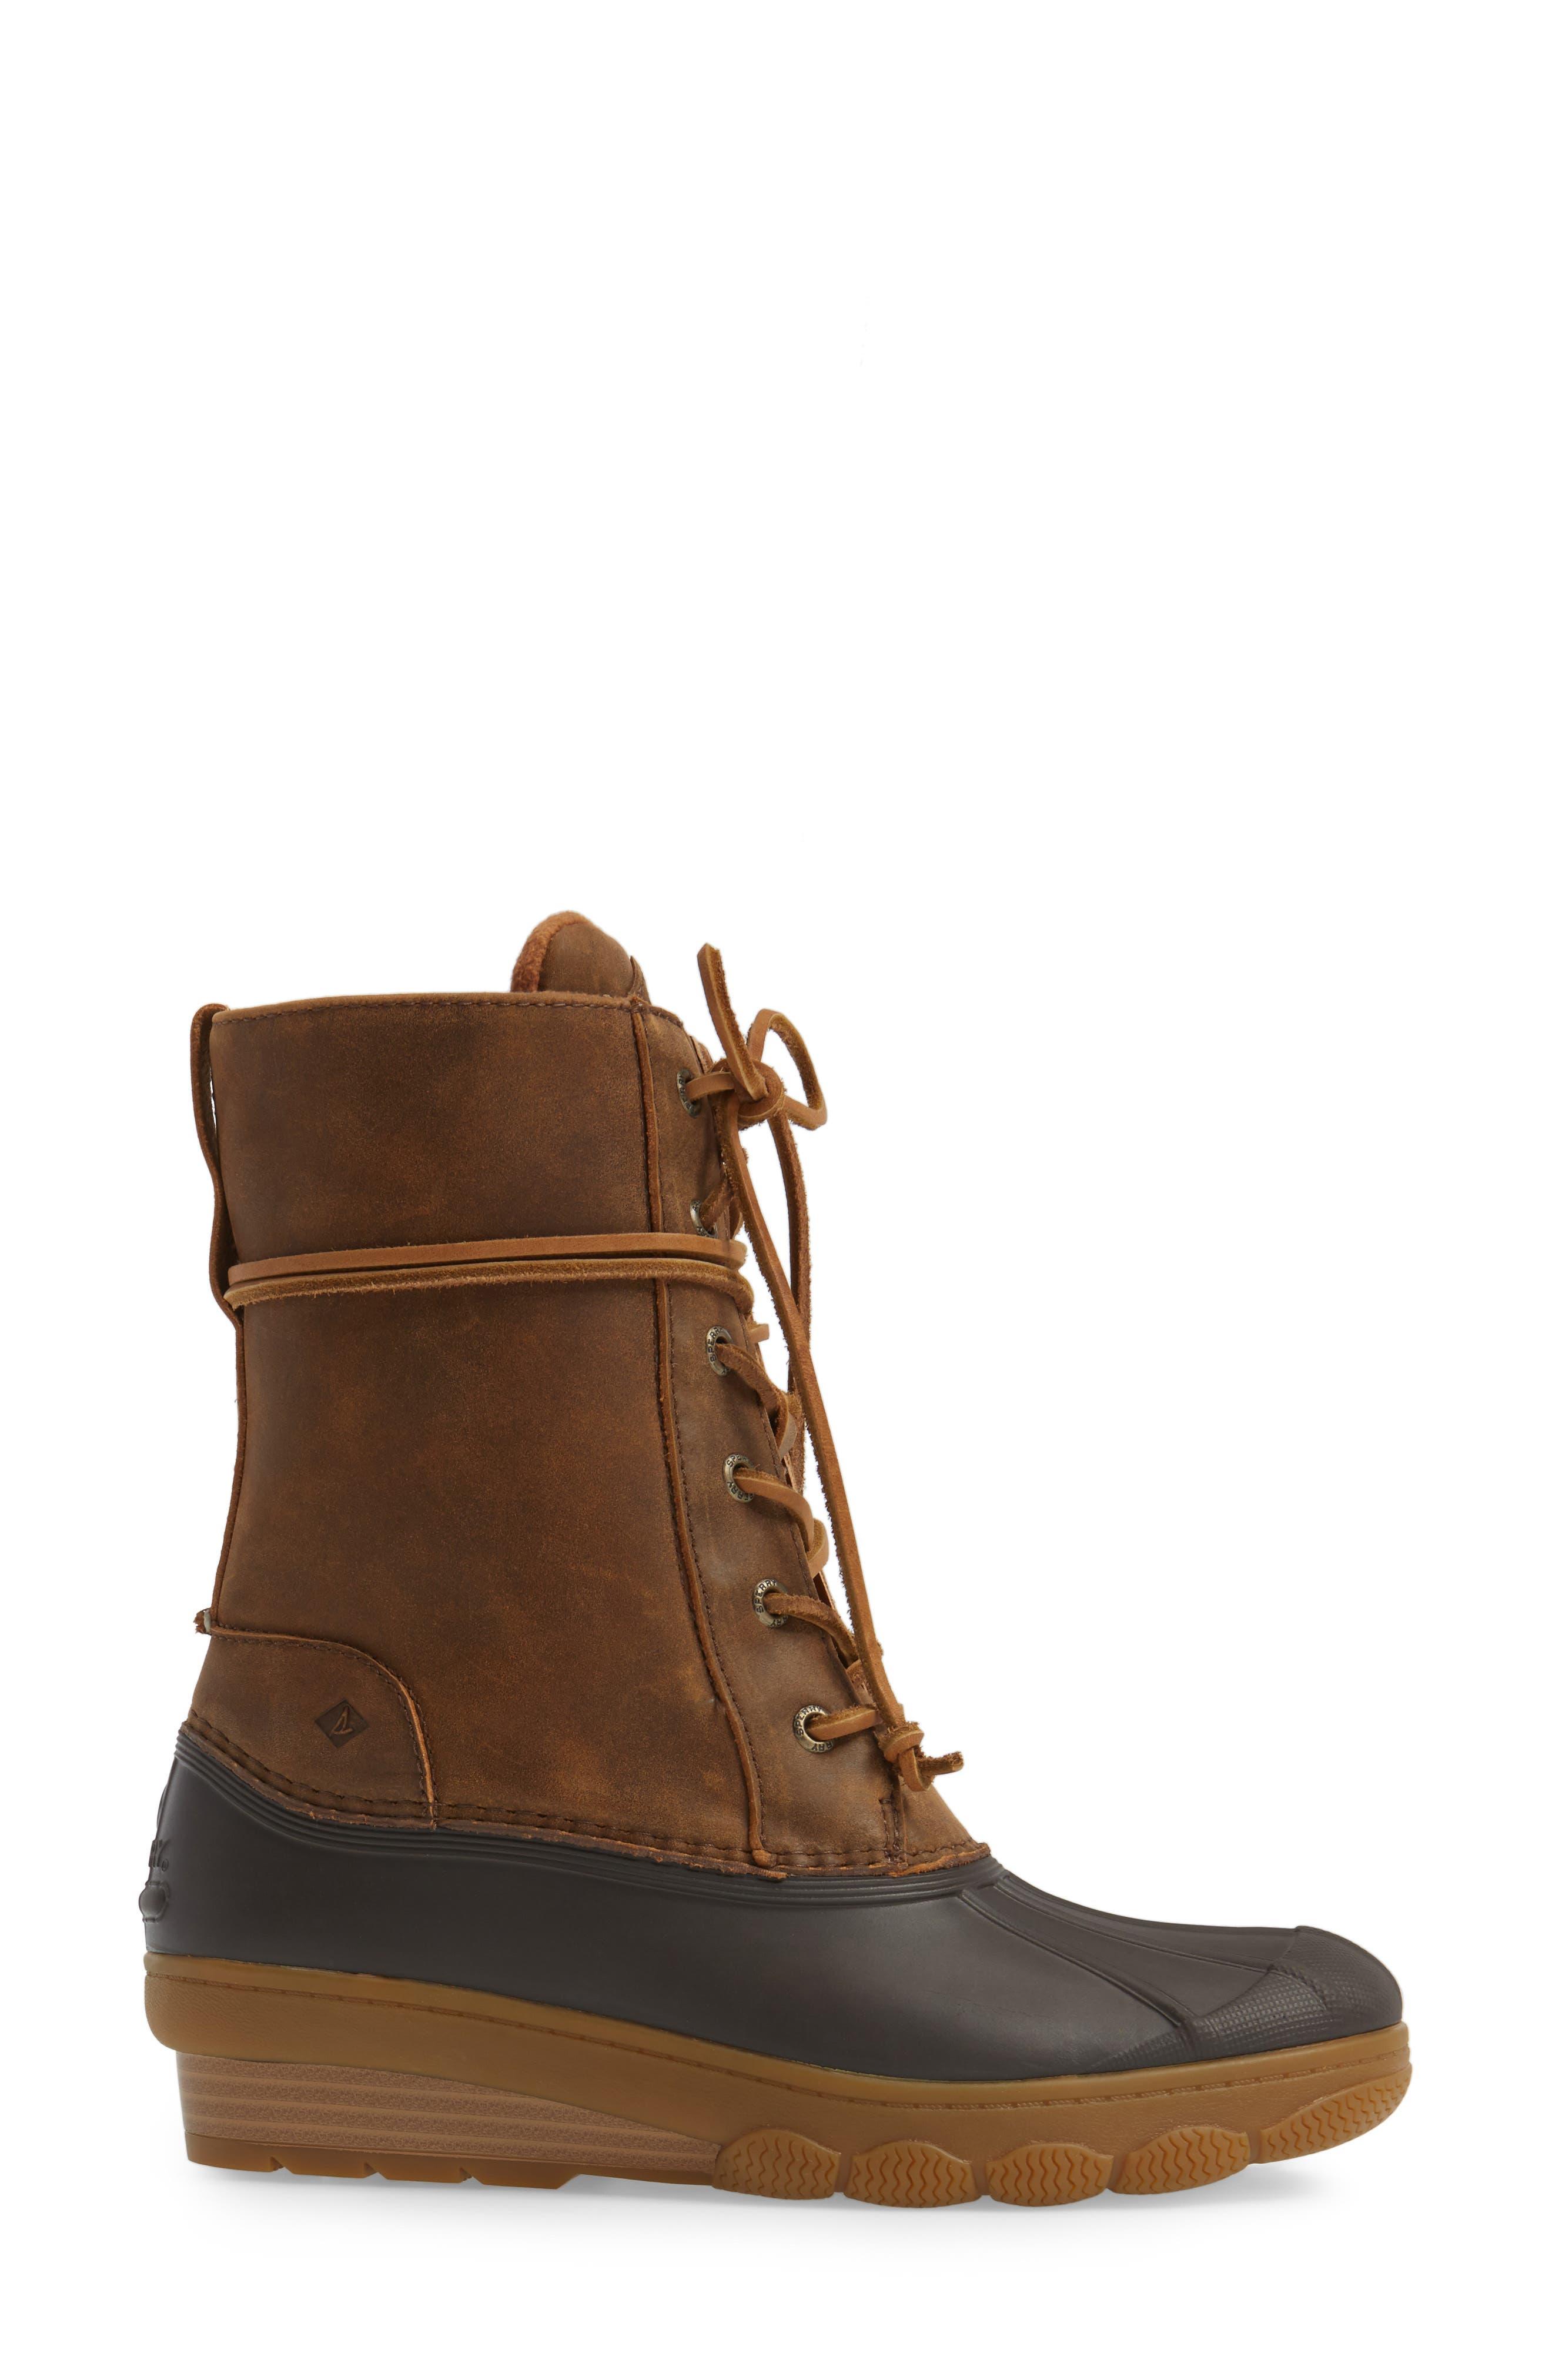 Alternate Image 3  - Sperry Saltwater Wedge Reeve Waterproof Boot (Women)